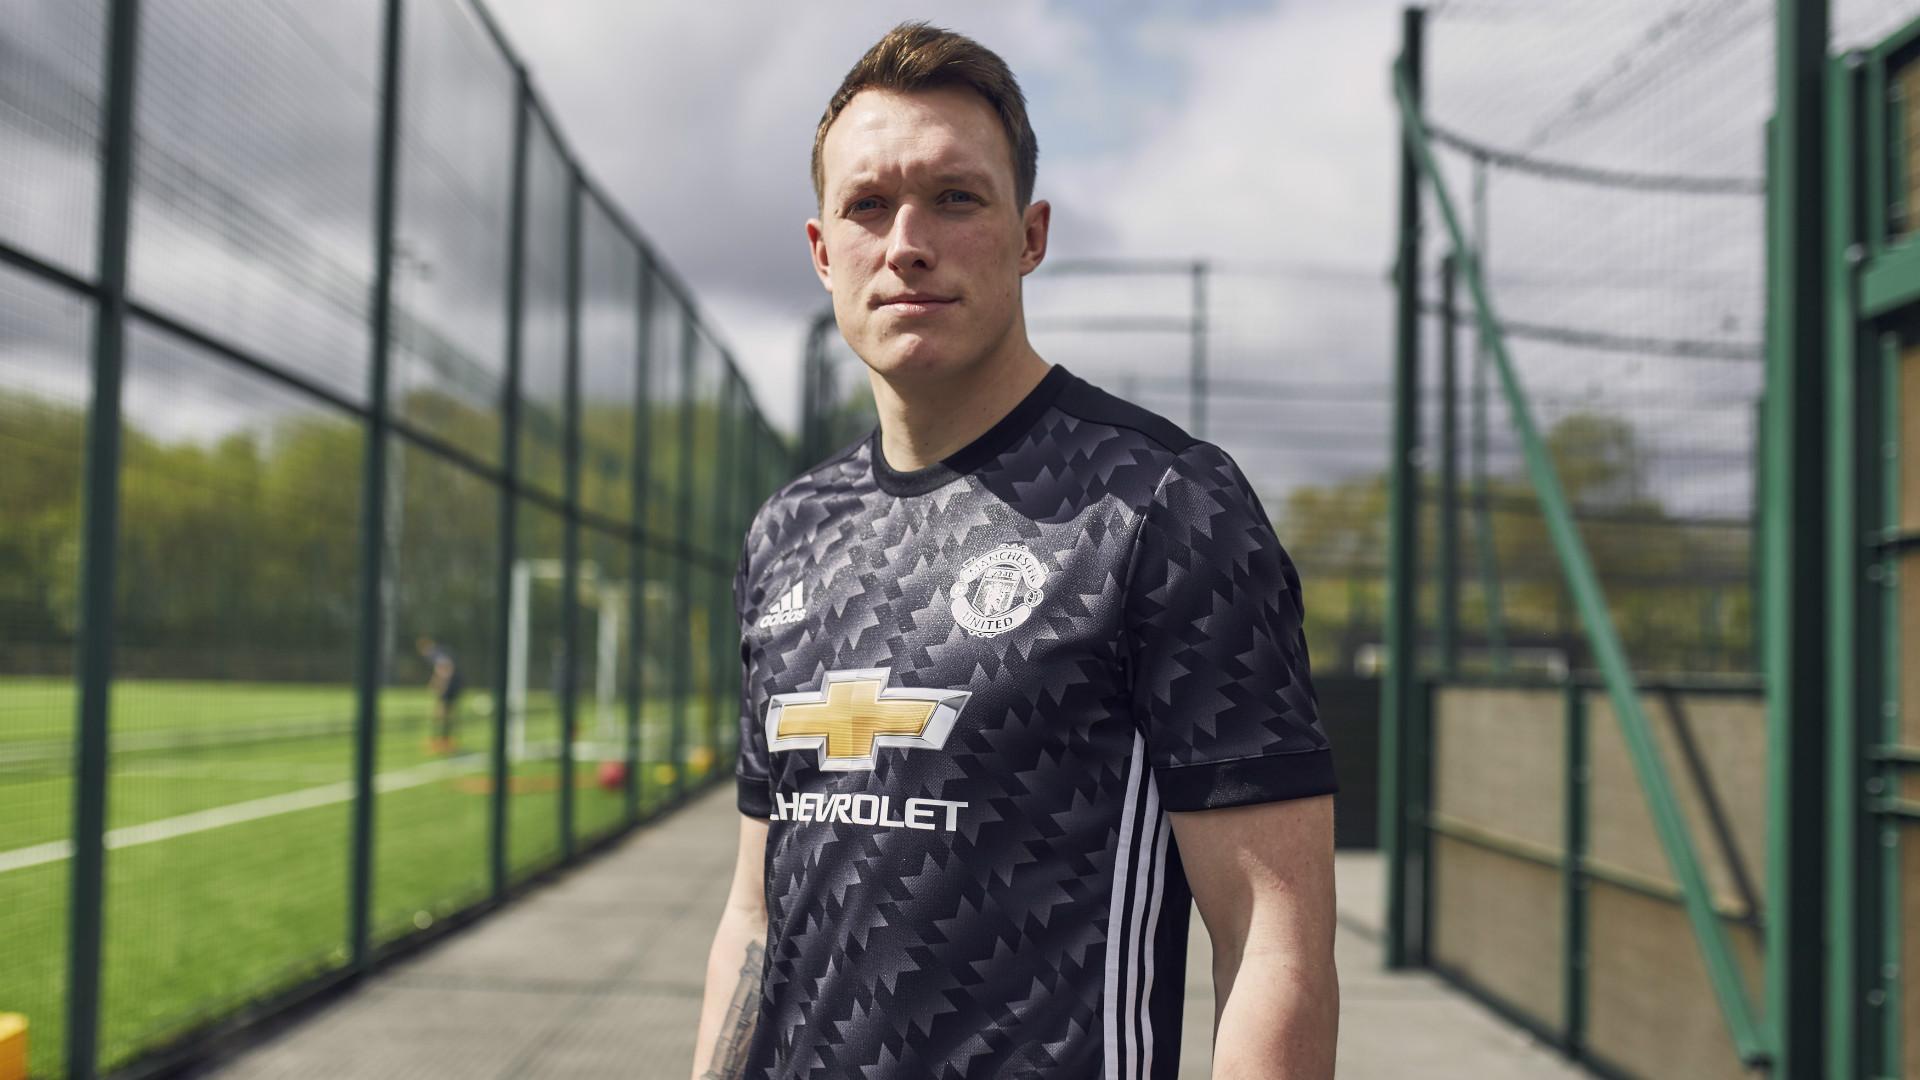 Phil Jones Manchester United New Kit